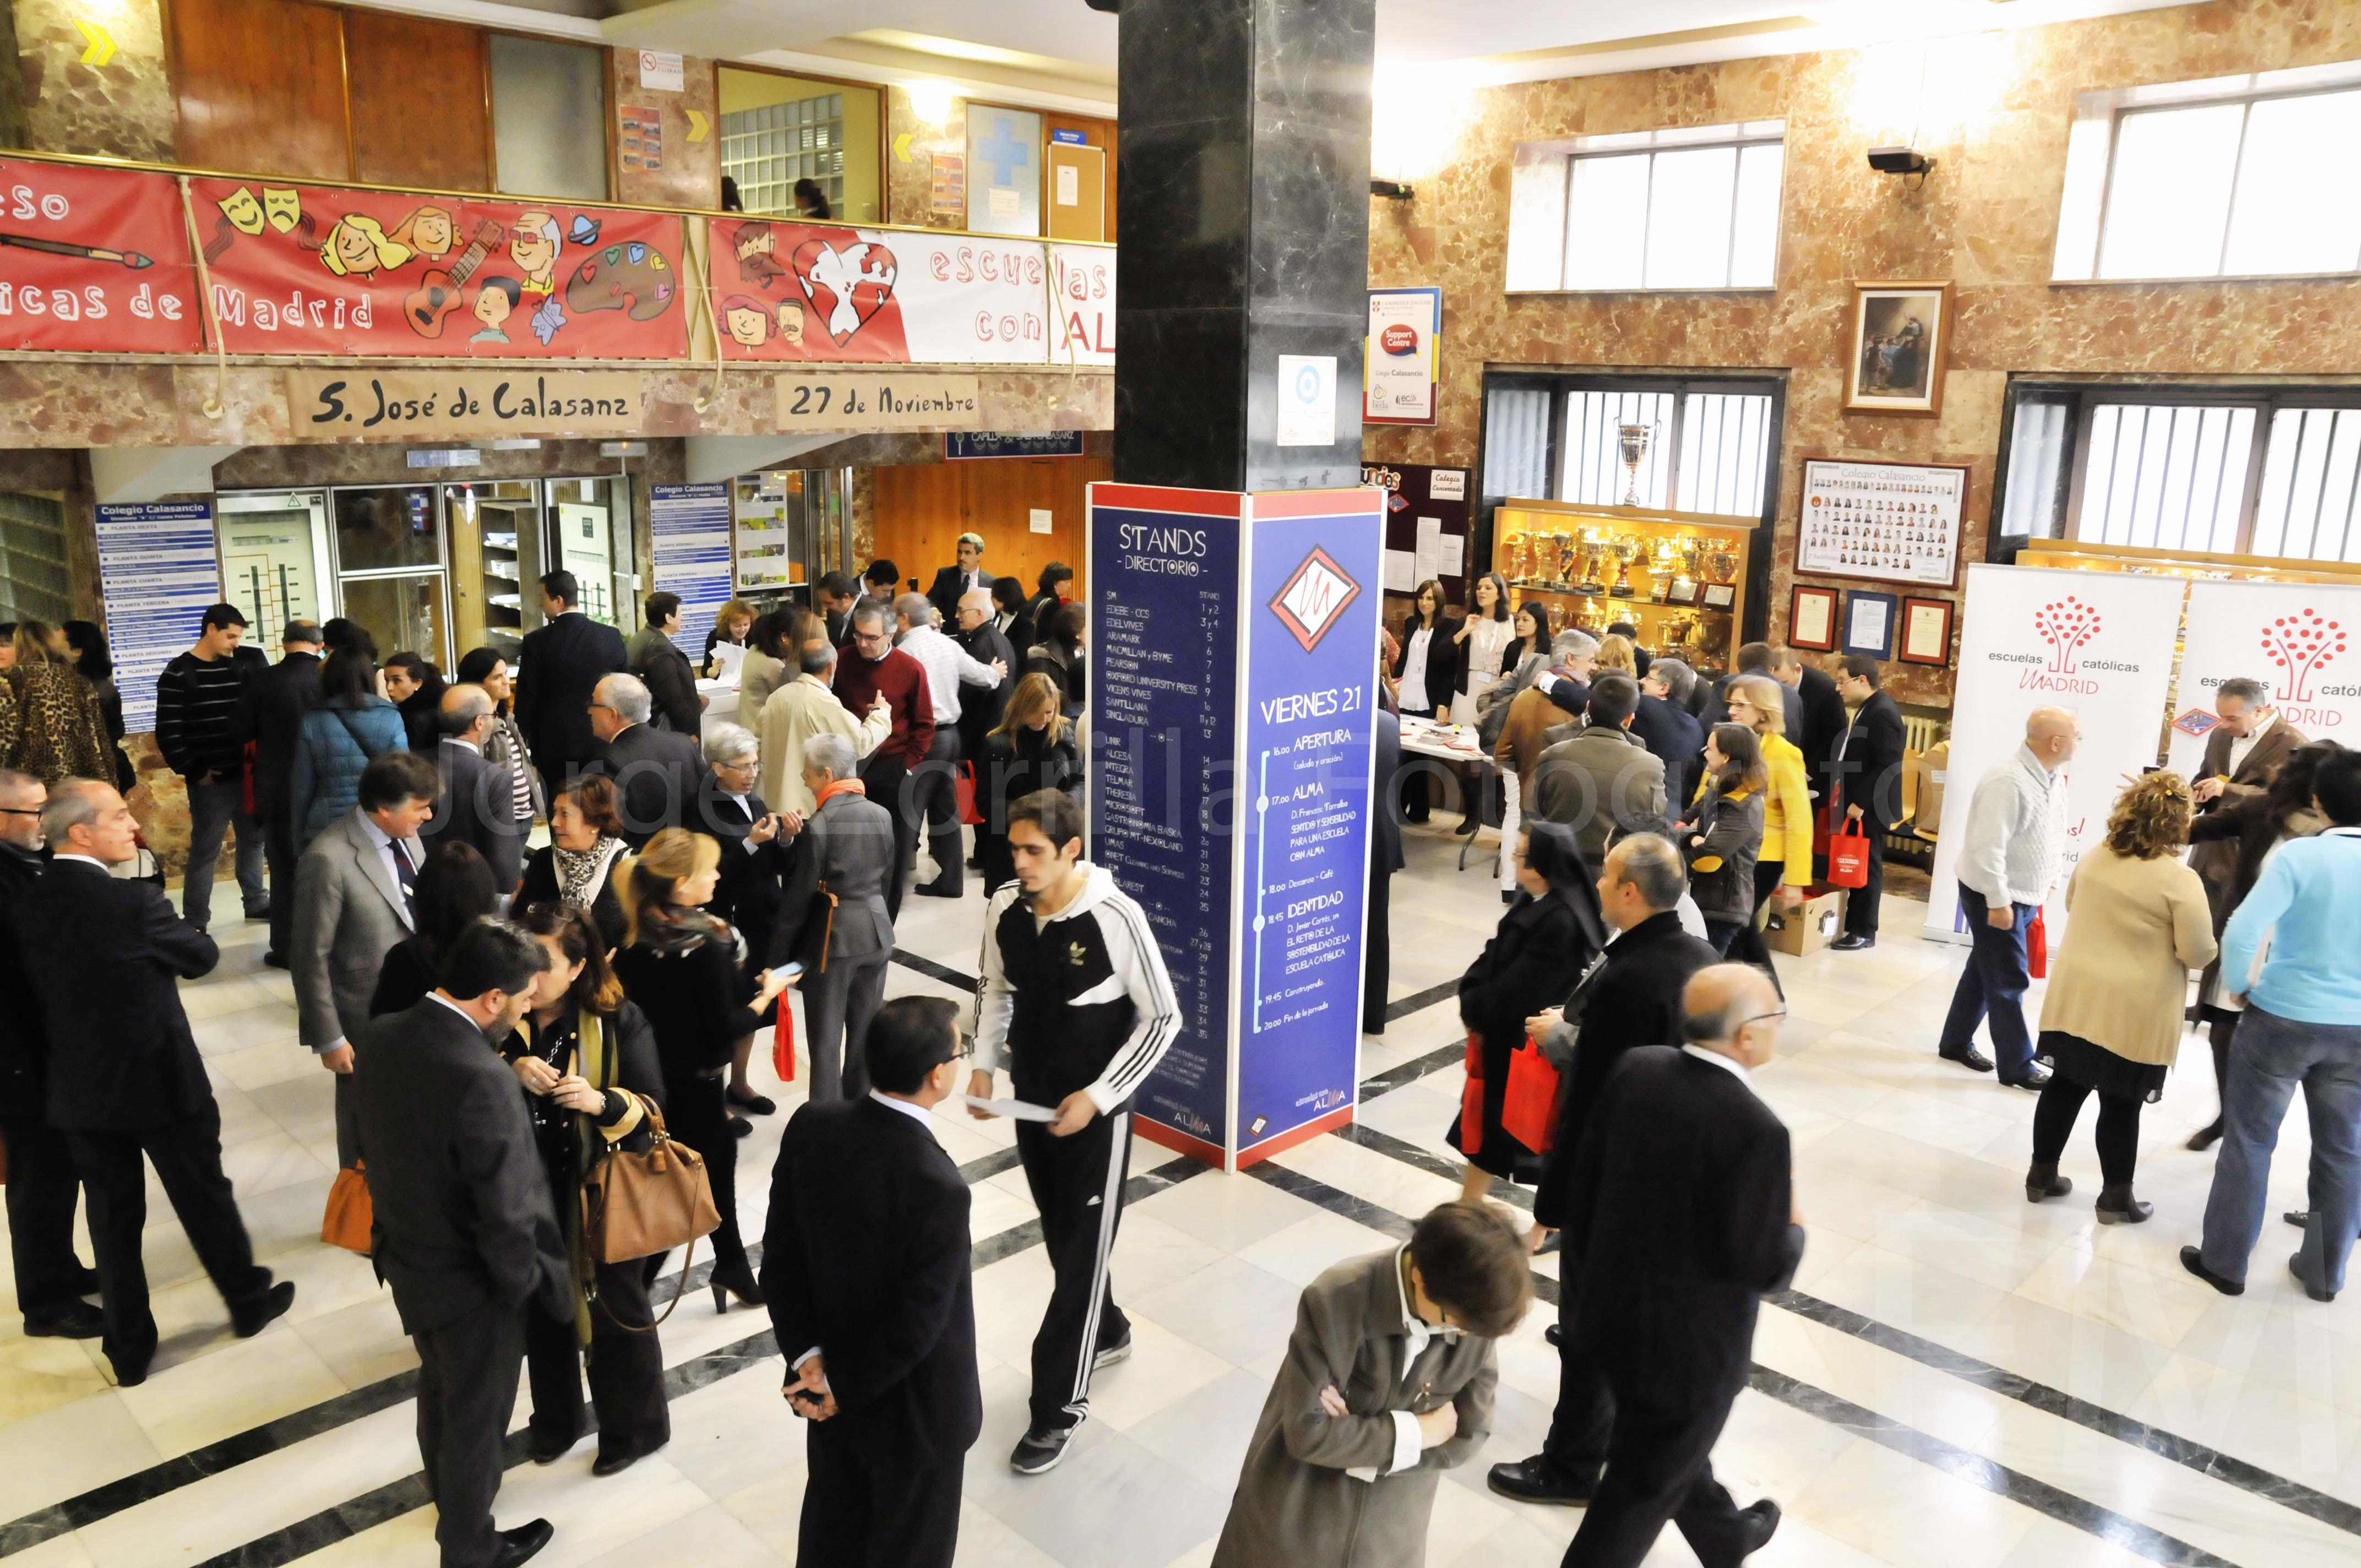 Fotografía Congreso Escuelas Católicas Madrid © Jorge Zorrilla Fotógrafo Madrid